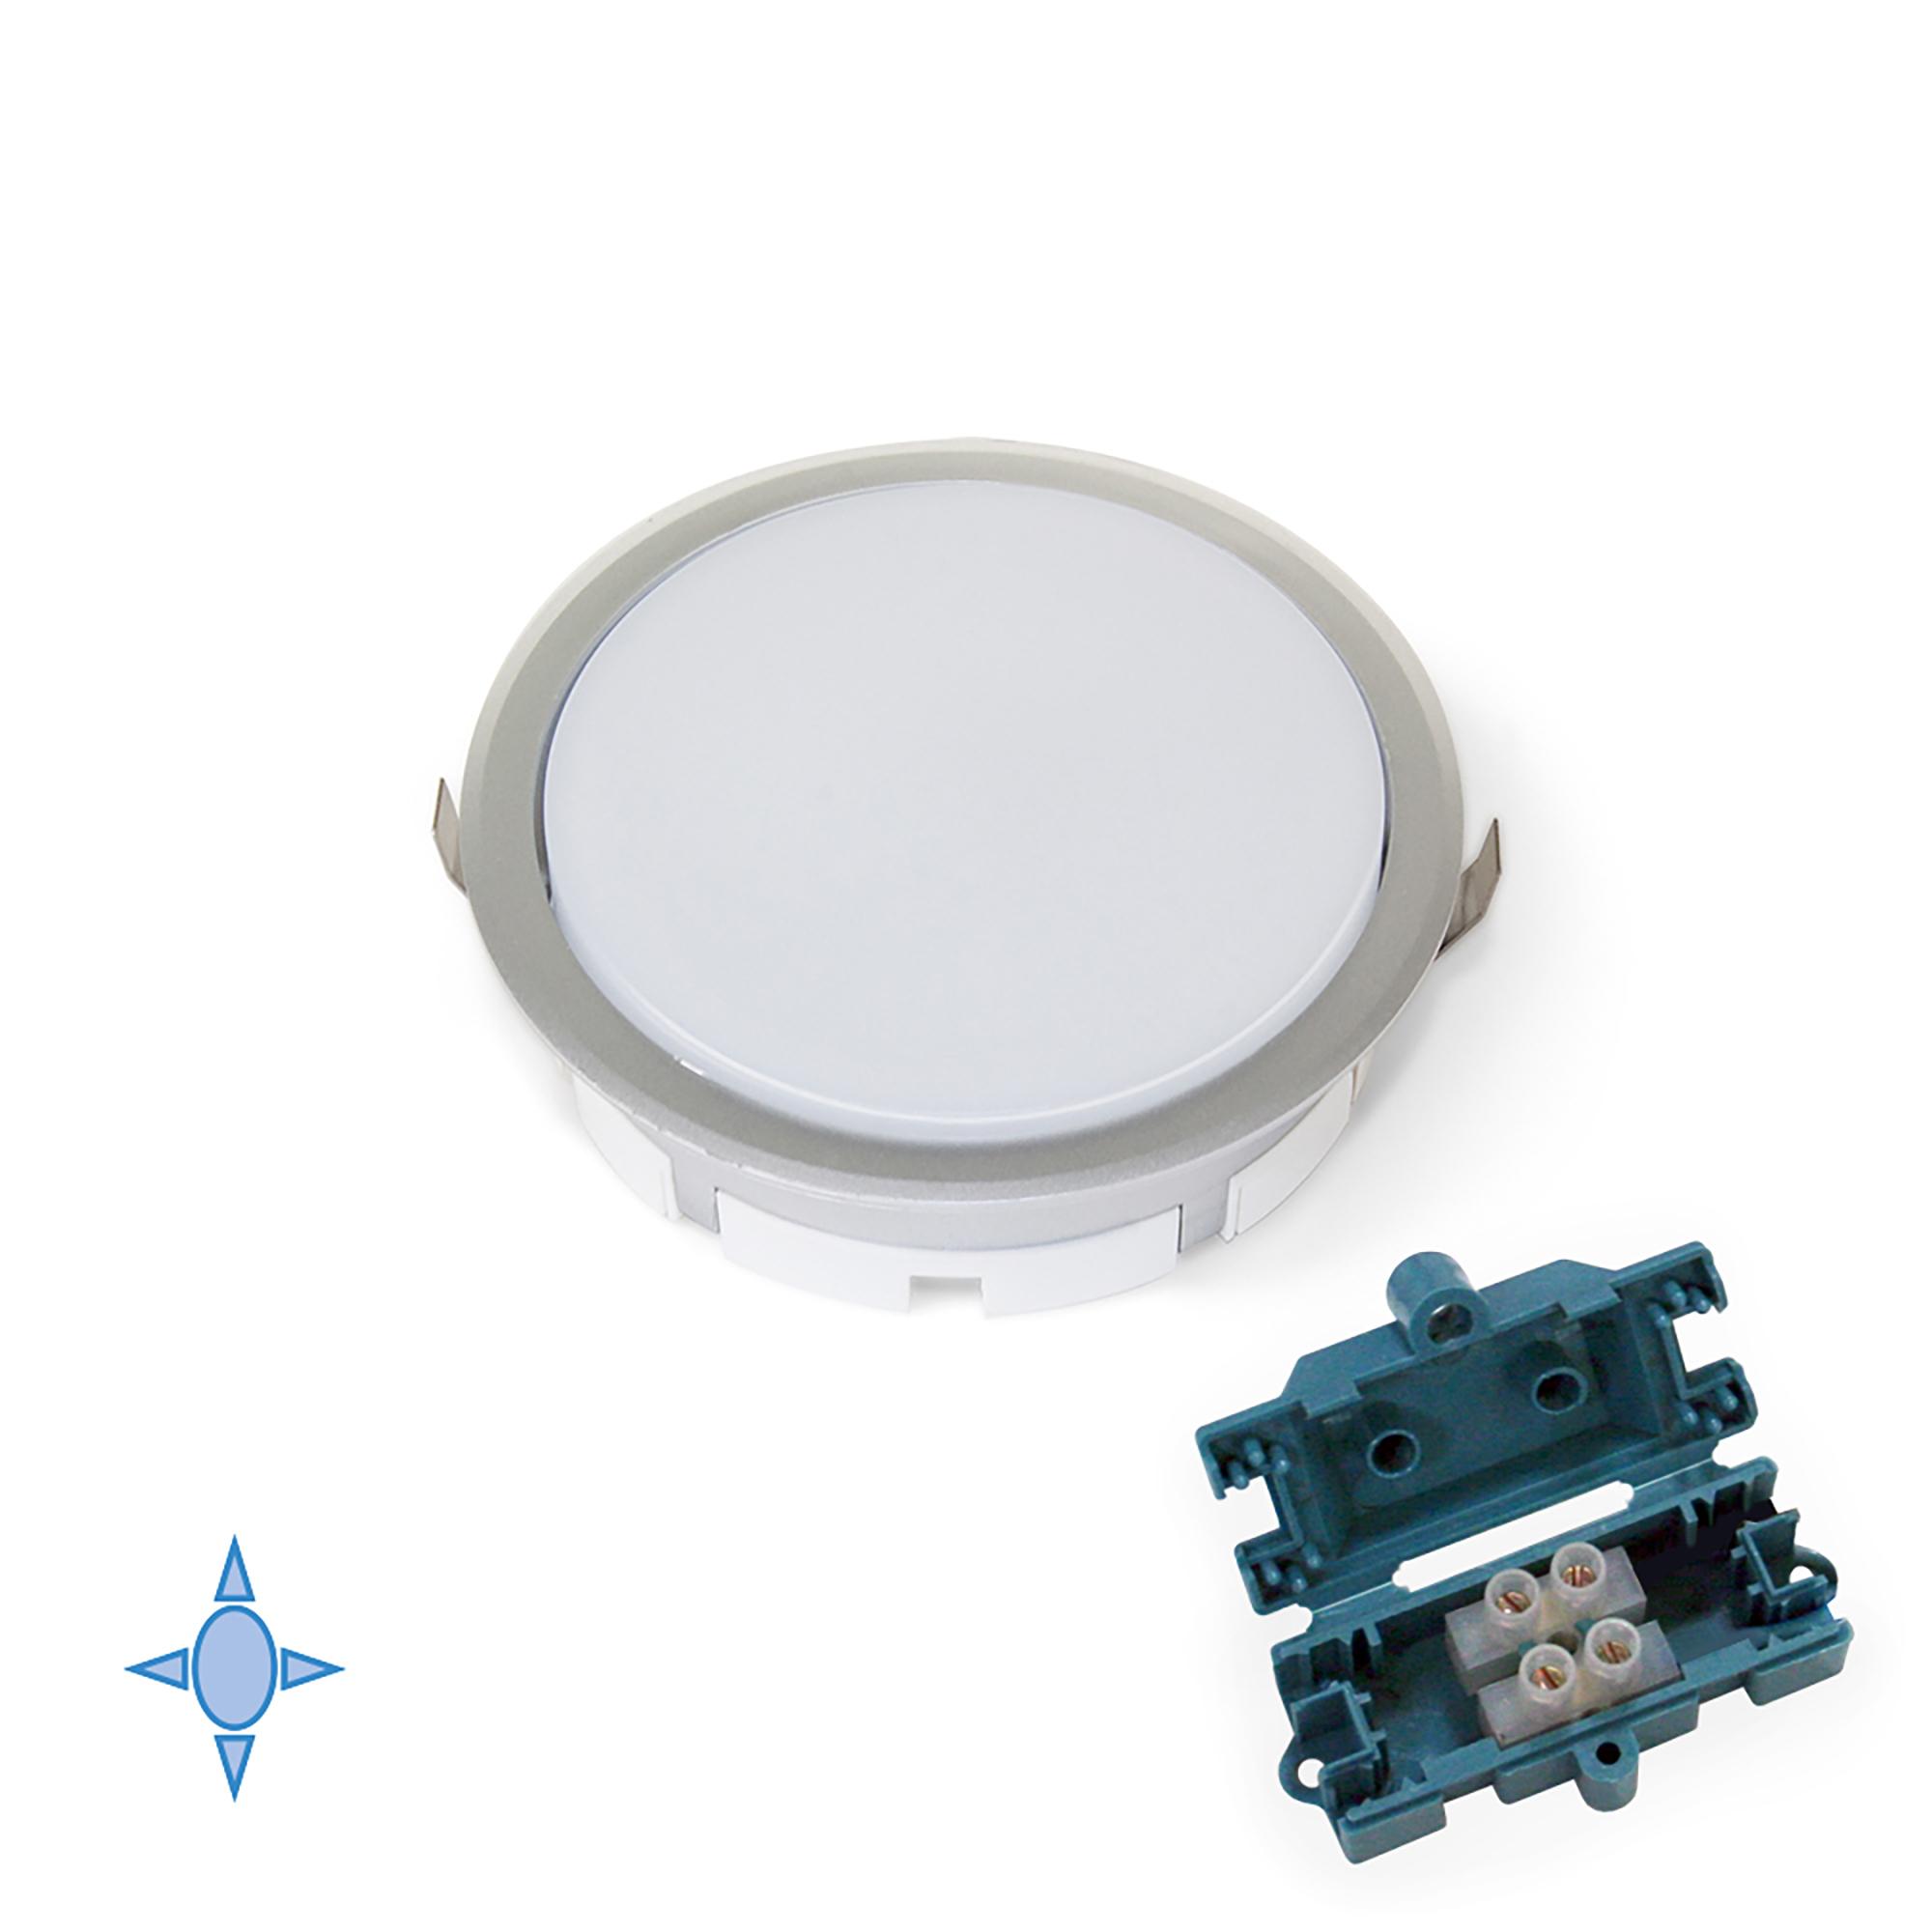 Emuca Faretto LED, D. 85 mm, ad incasso, Luce bianca fredda, Plastica, Grigio metallizzato